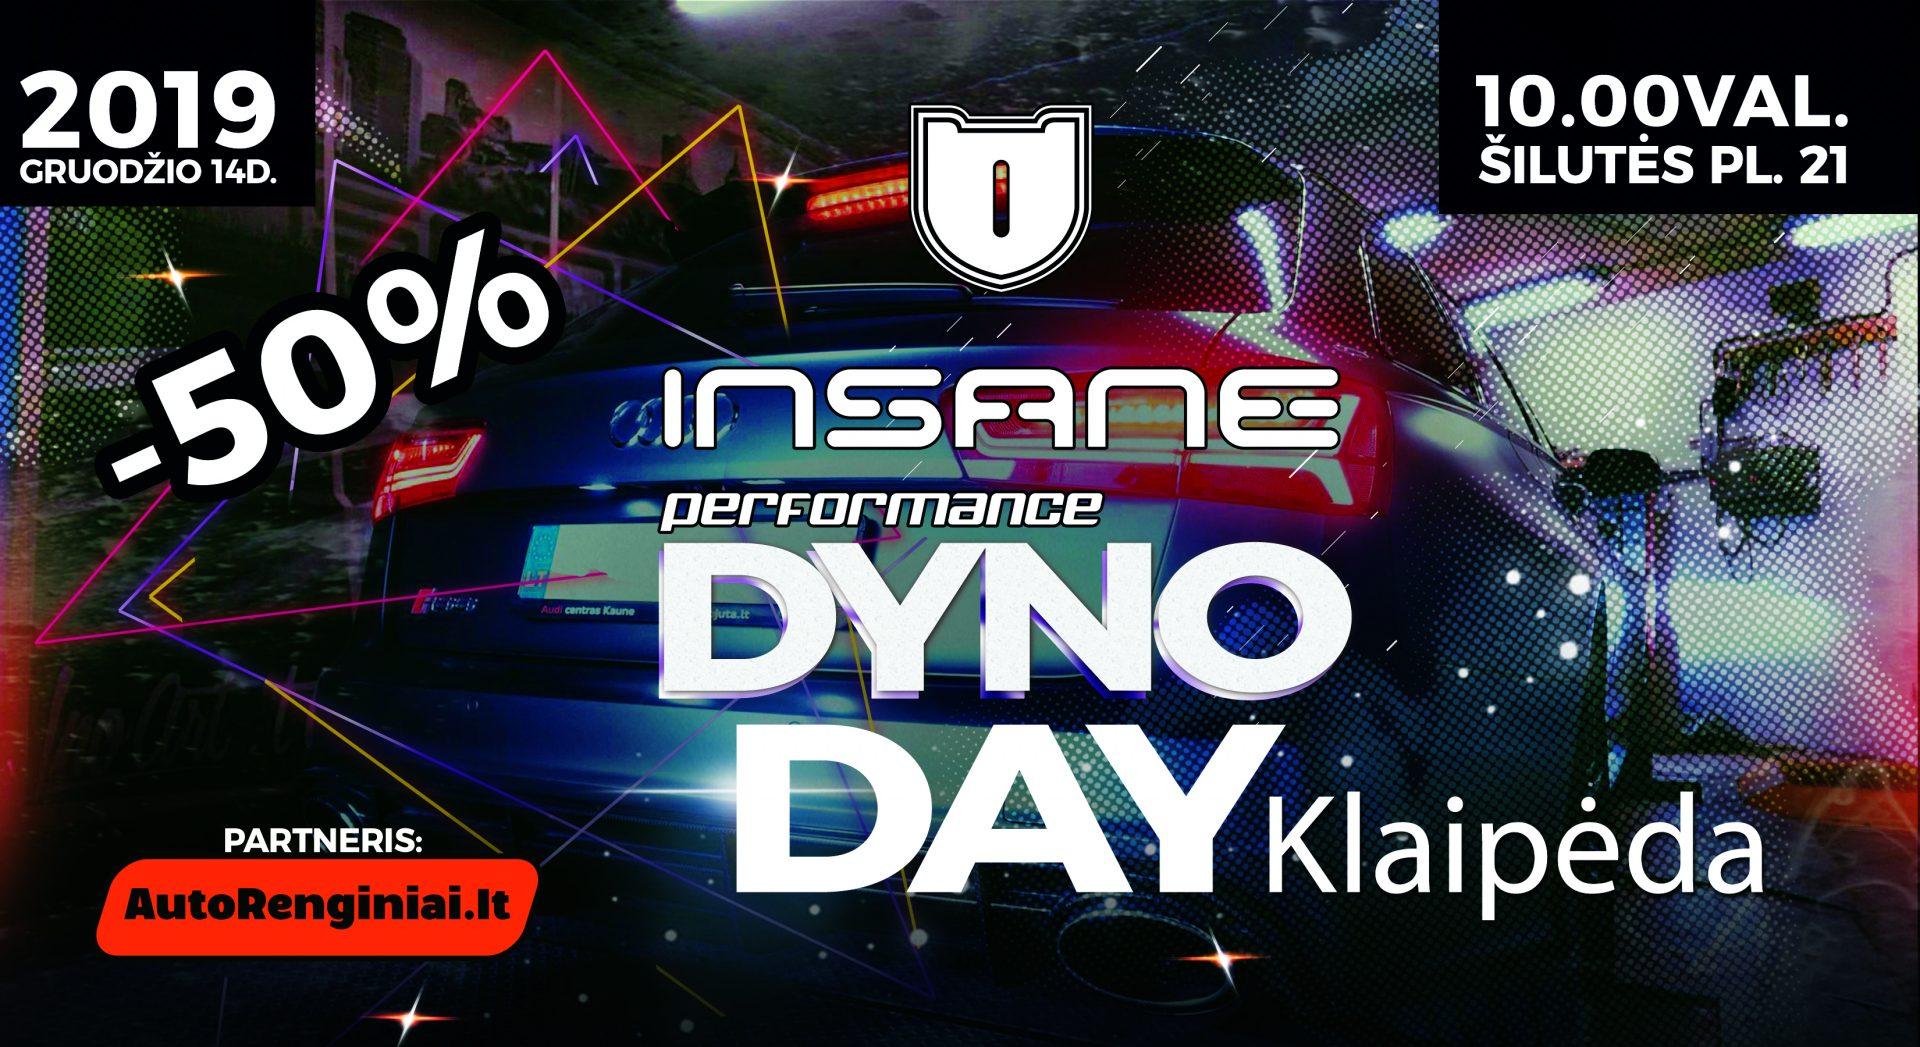 Insane Performance Dyno Day Klaipėda